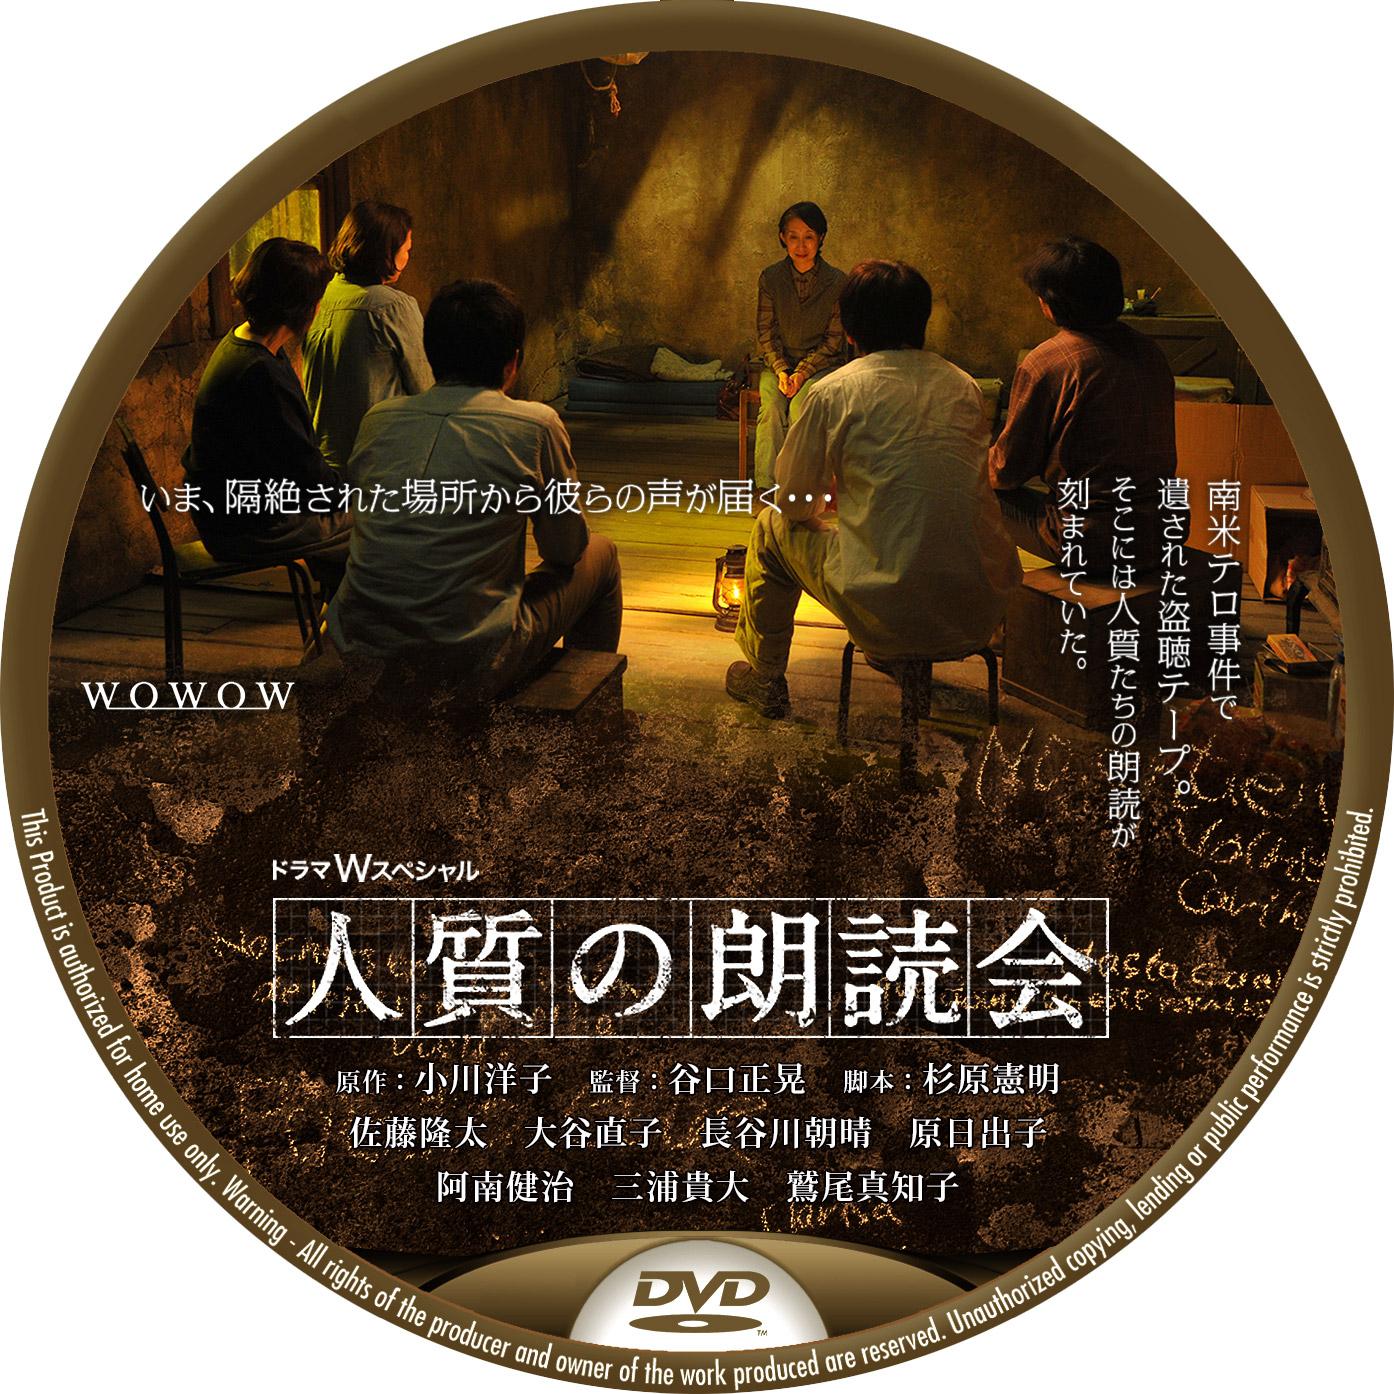 人質の朗読会 WOWOW DVDラベル